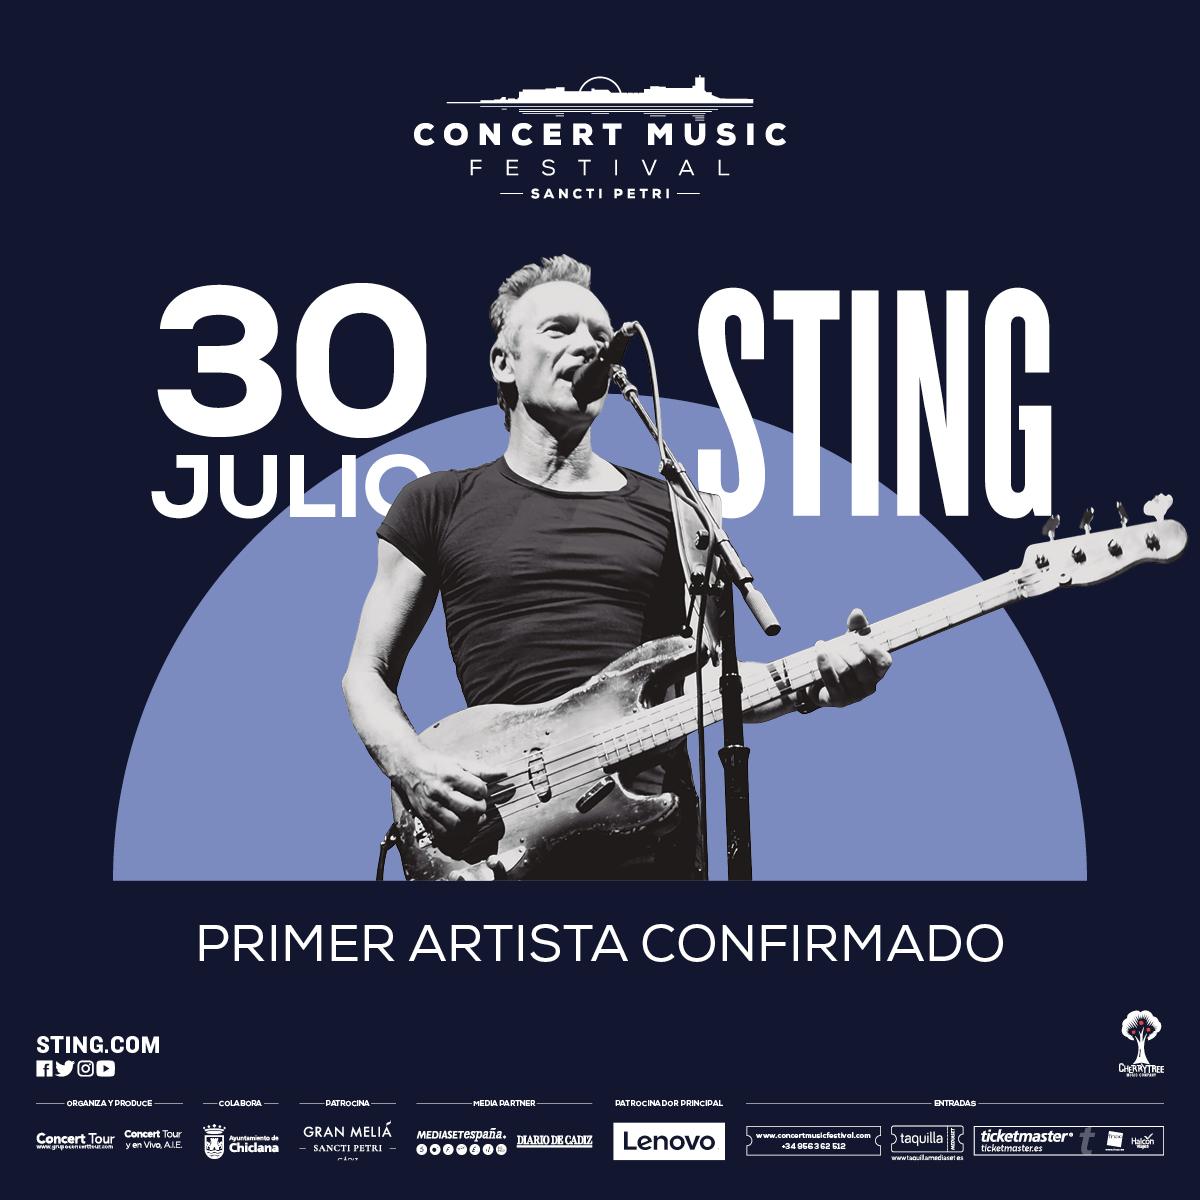 Concertur Music Festival Sancti Petri